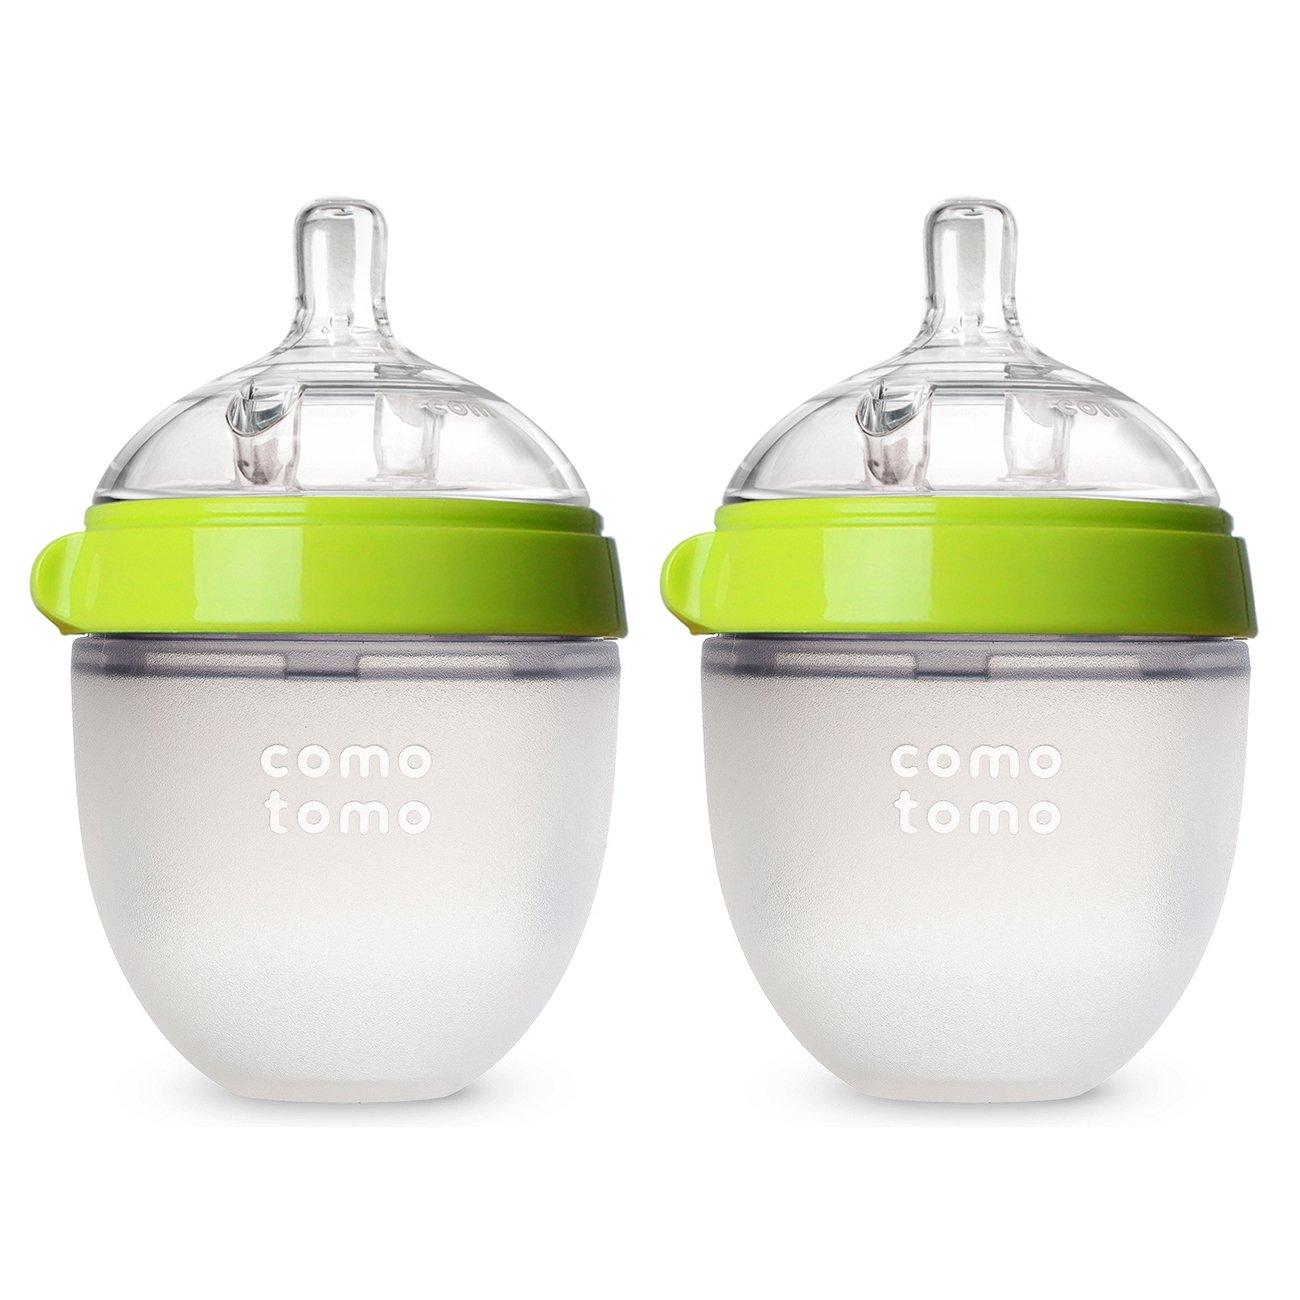 COMOTOMO 可么多么 婴儿奶瓶, 绿颜色, 5 盎司/约142.06毫升(2个装)